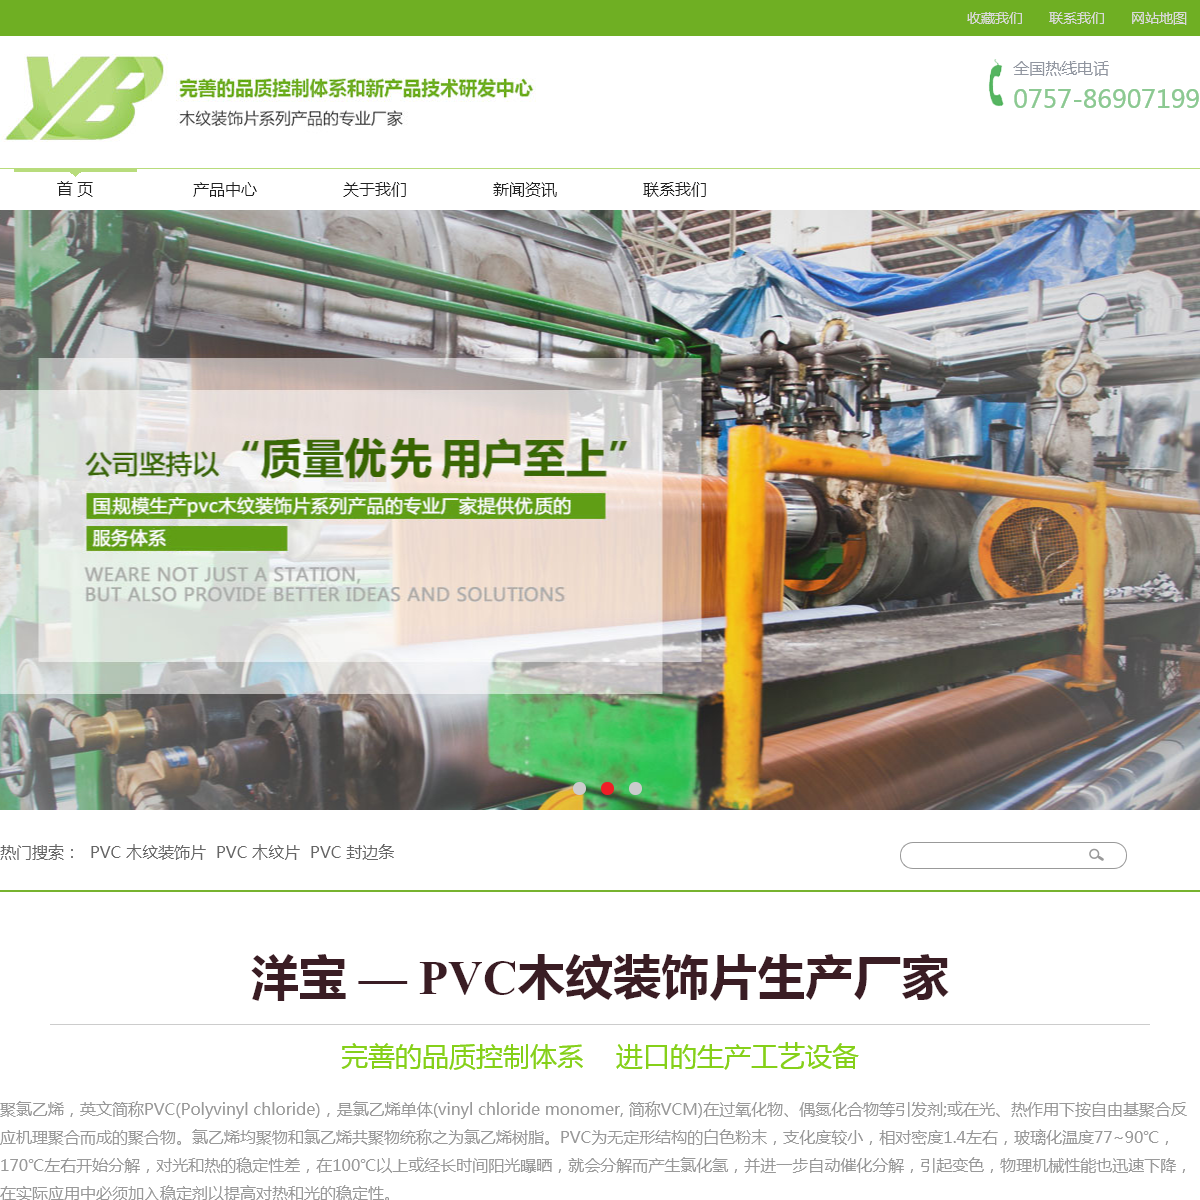 PVC 封边条-【佛山市洋宝塑胶制品有限公司】